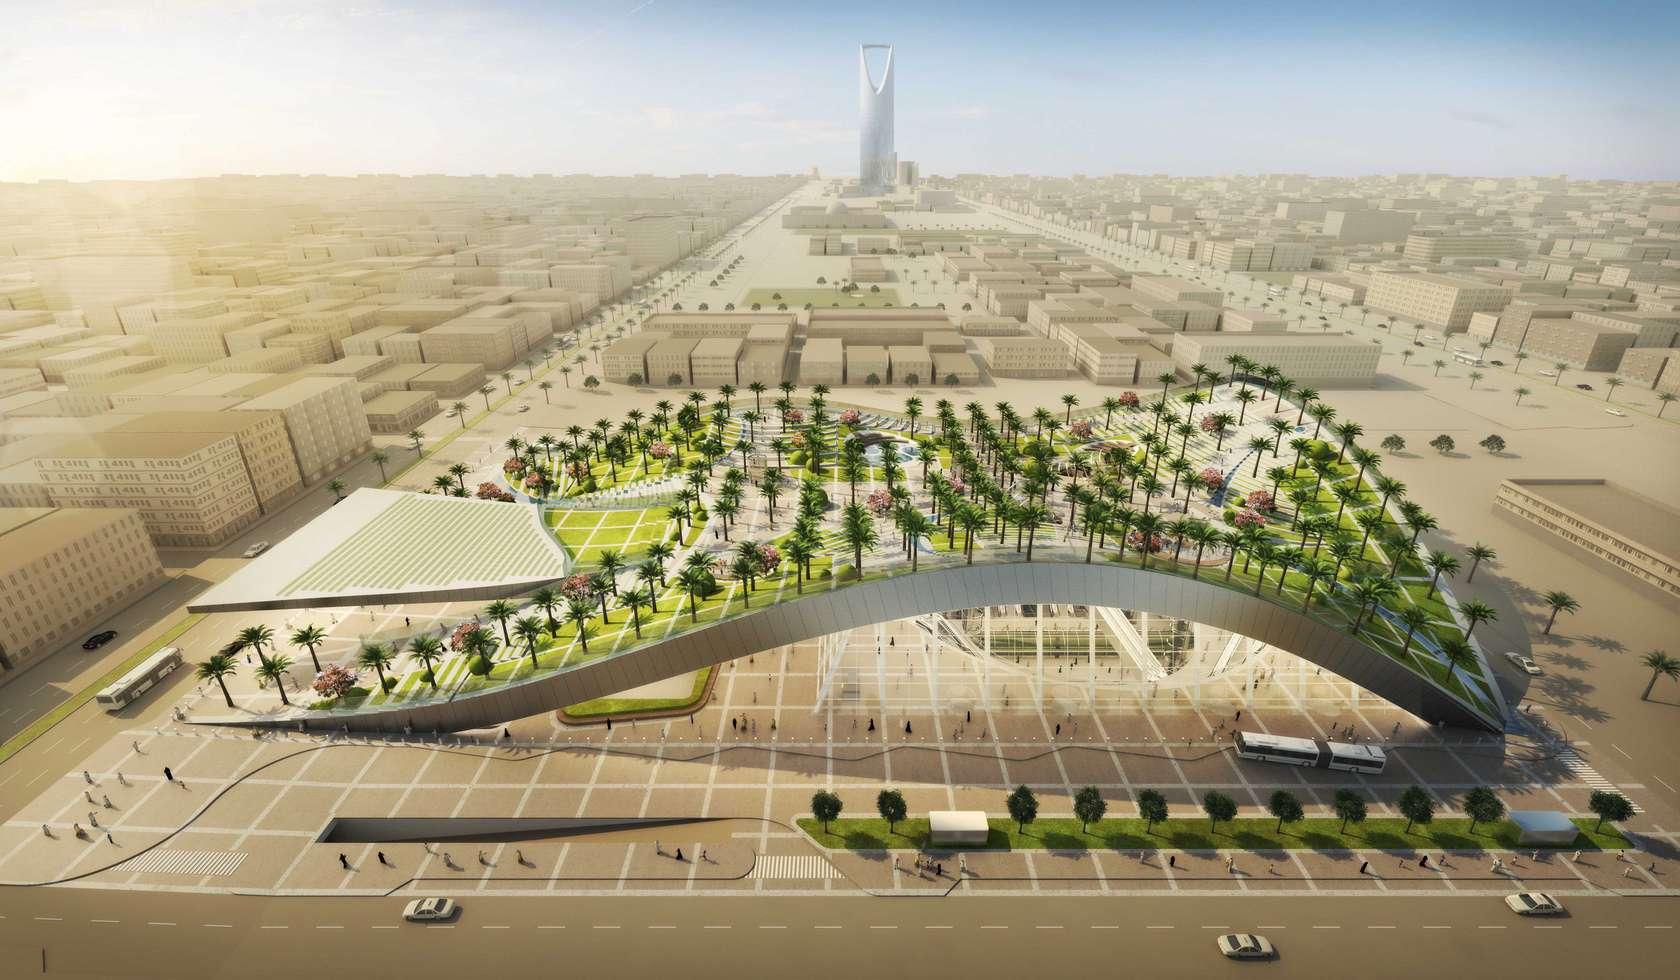 Megaproyecto X: Metro Riyadh